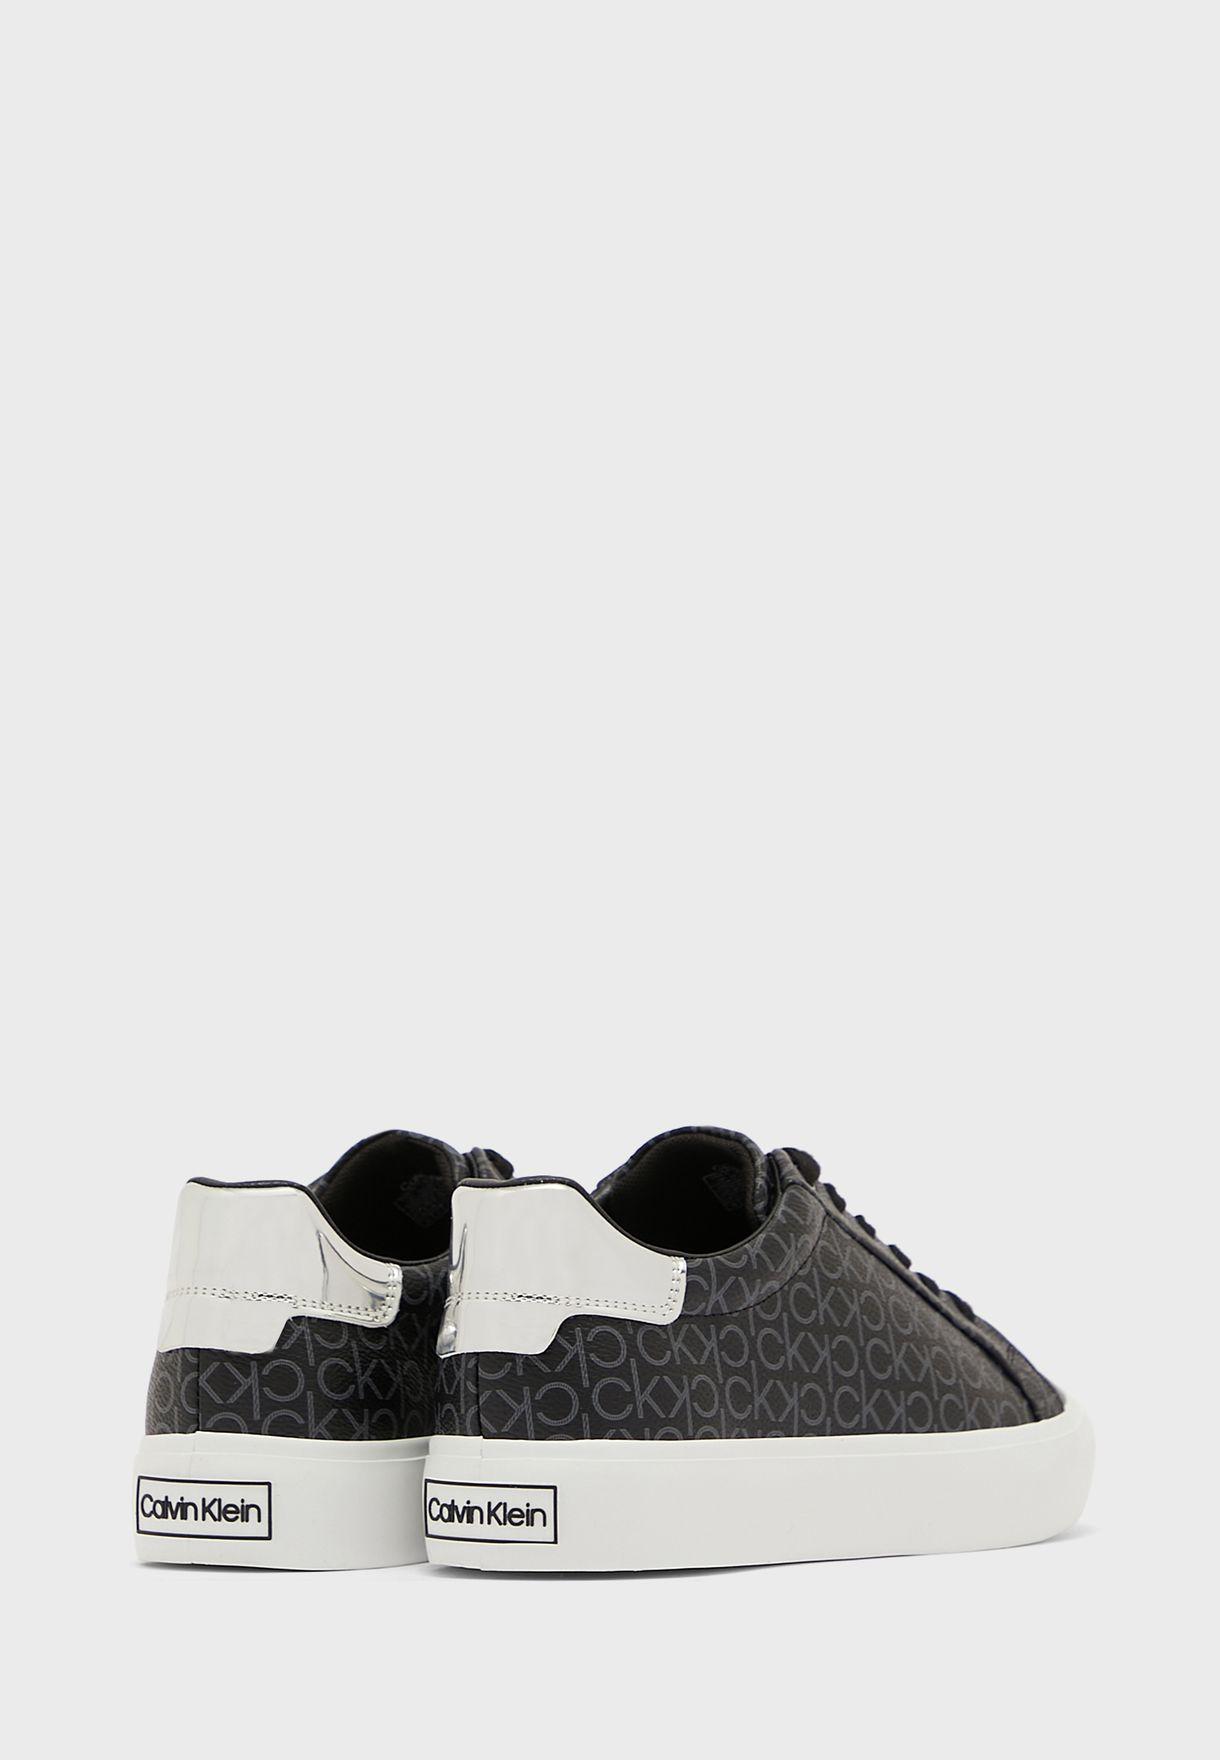 Vulc Low Top Sneakers